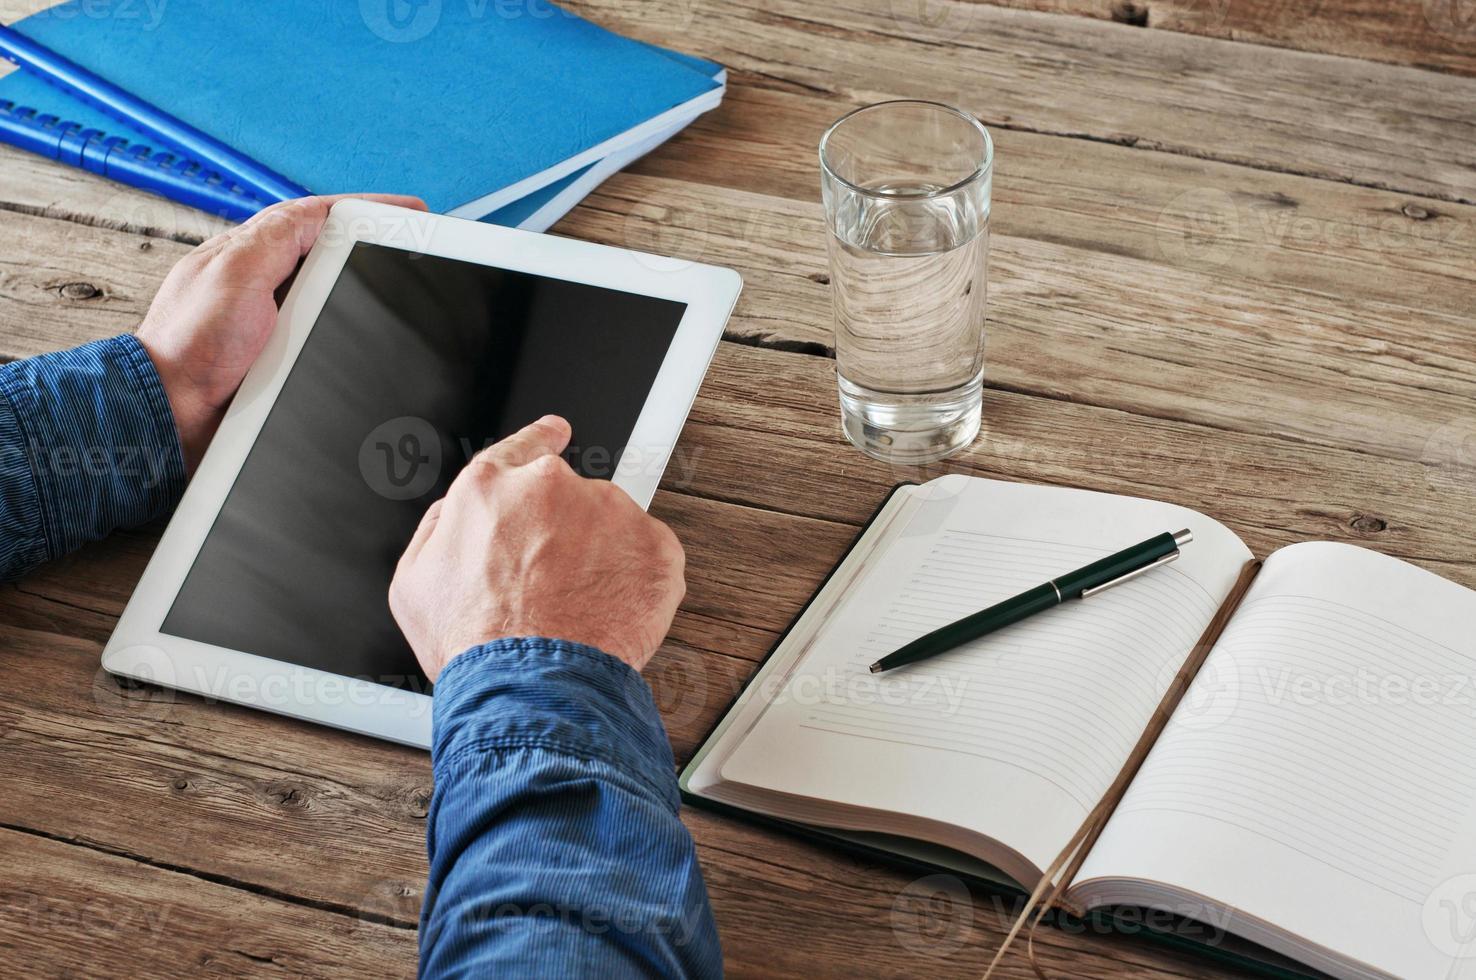 homem segurando computador tablet e clique na tela foto